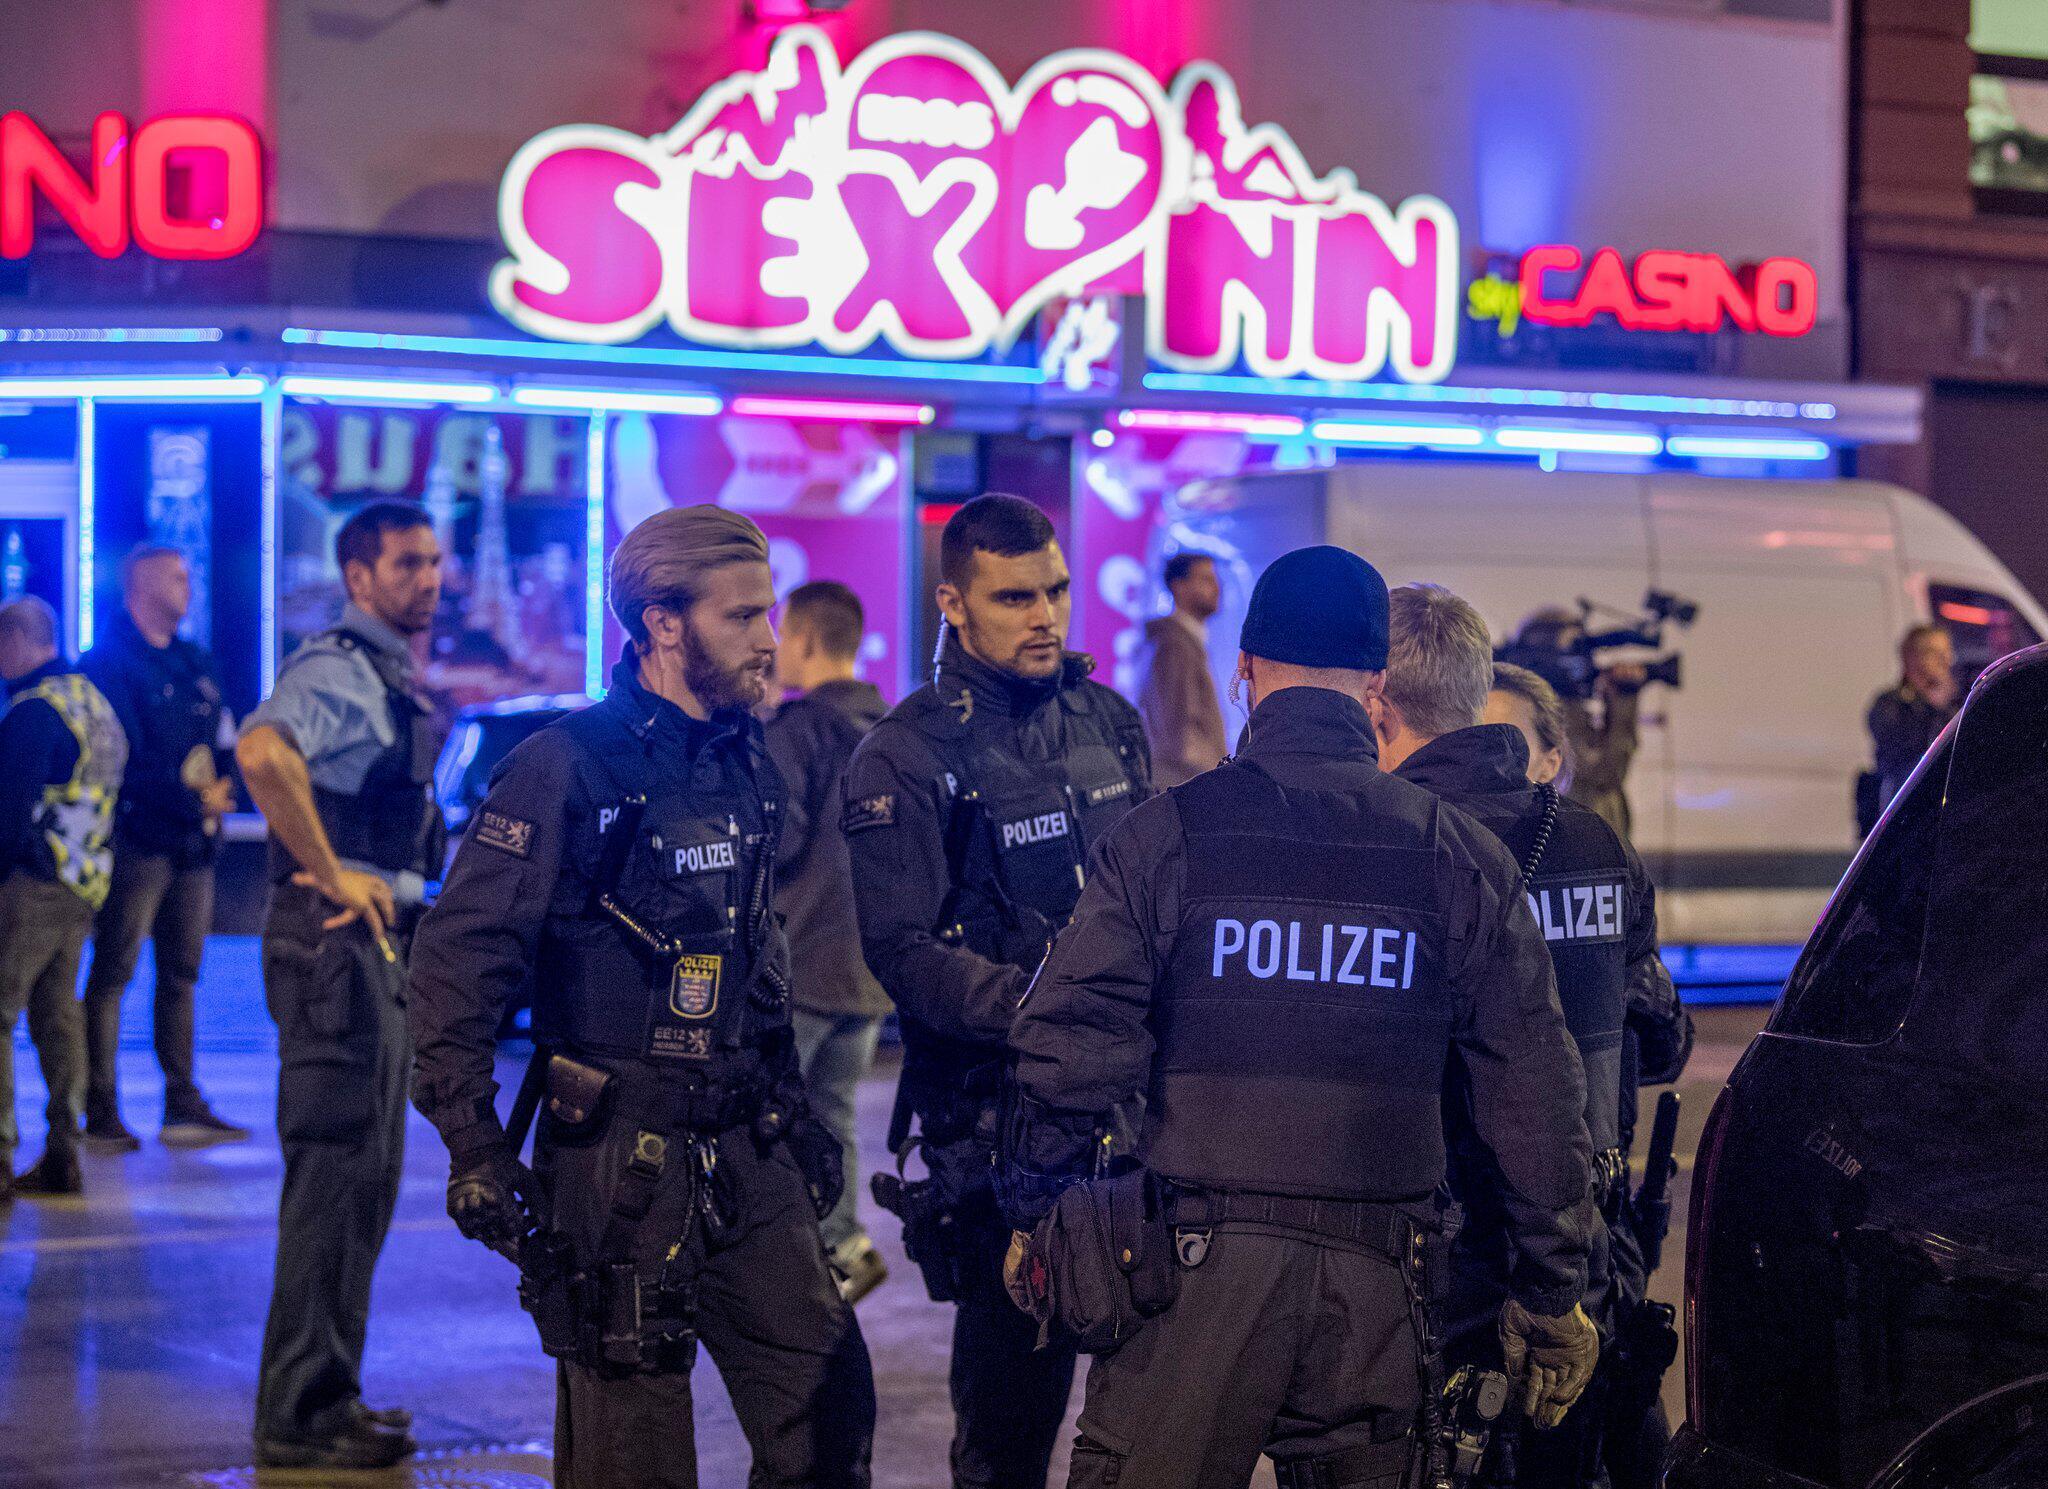 Bild zu Police raid in Frankfurt station district